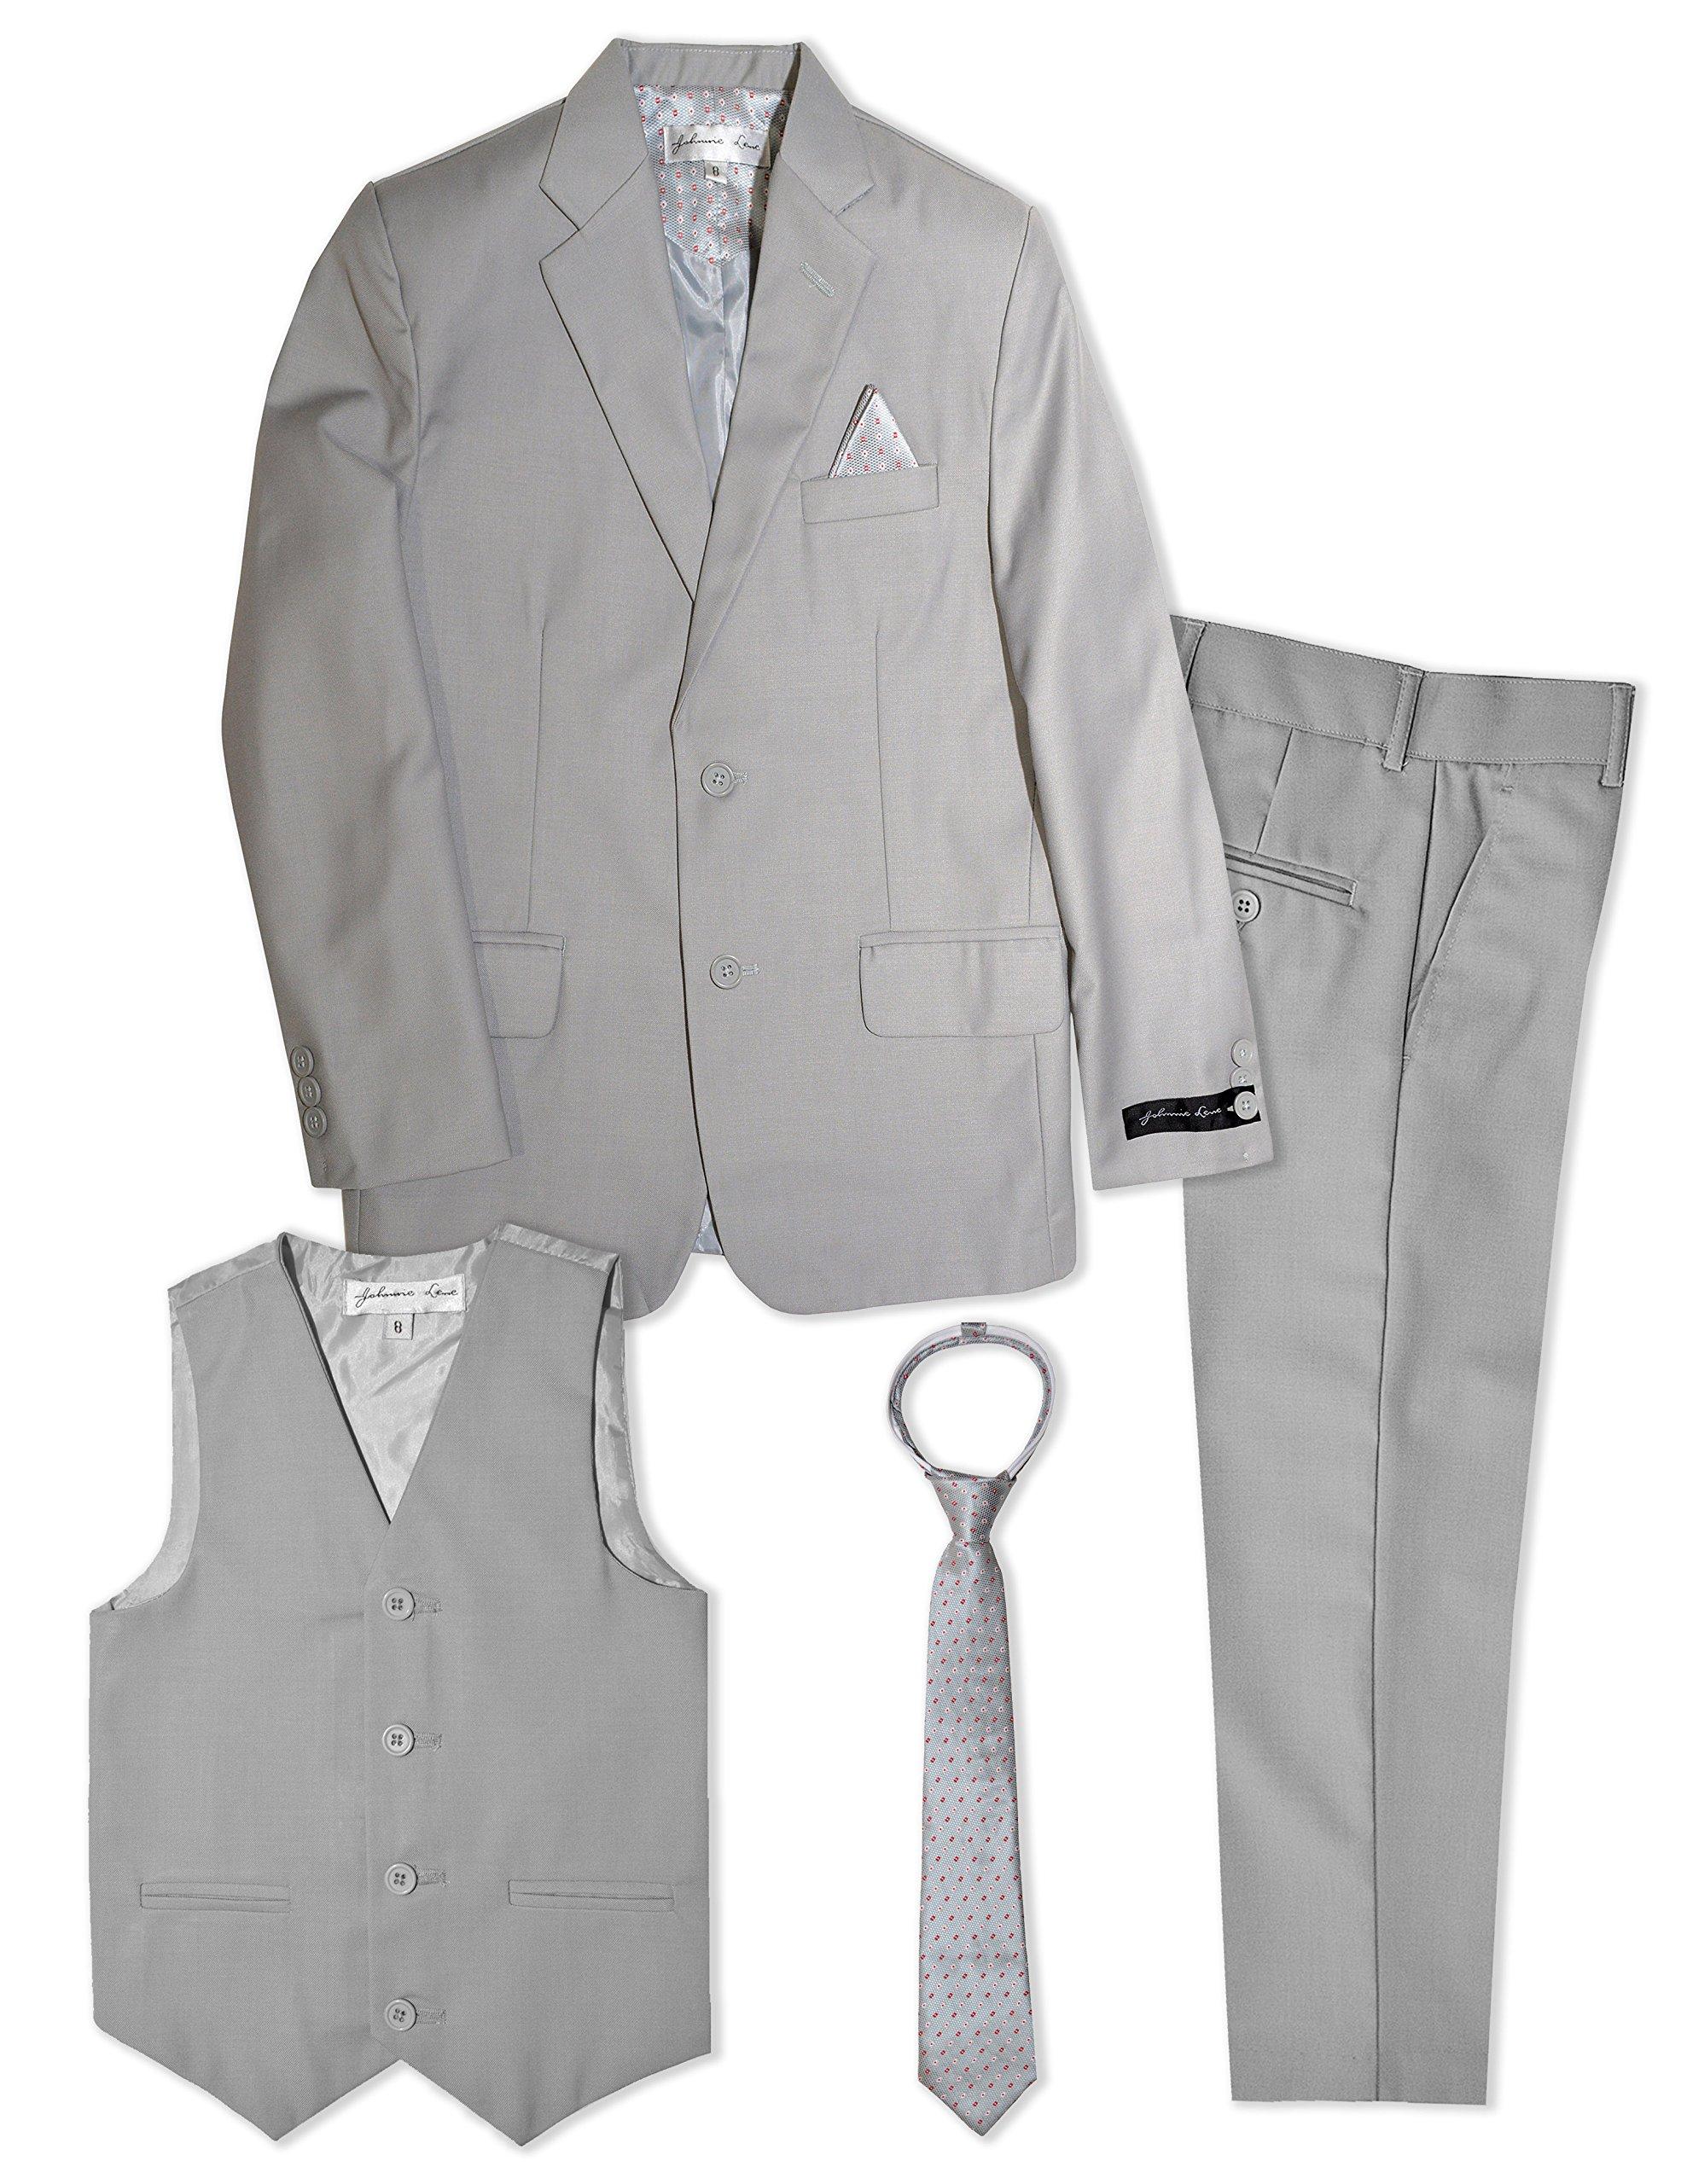 Boys Formal Dresswear Suit Set #JL48 (3T, Silver)